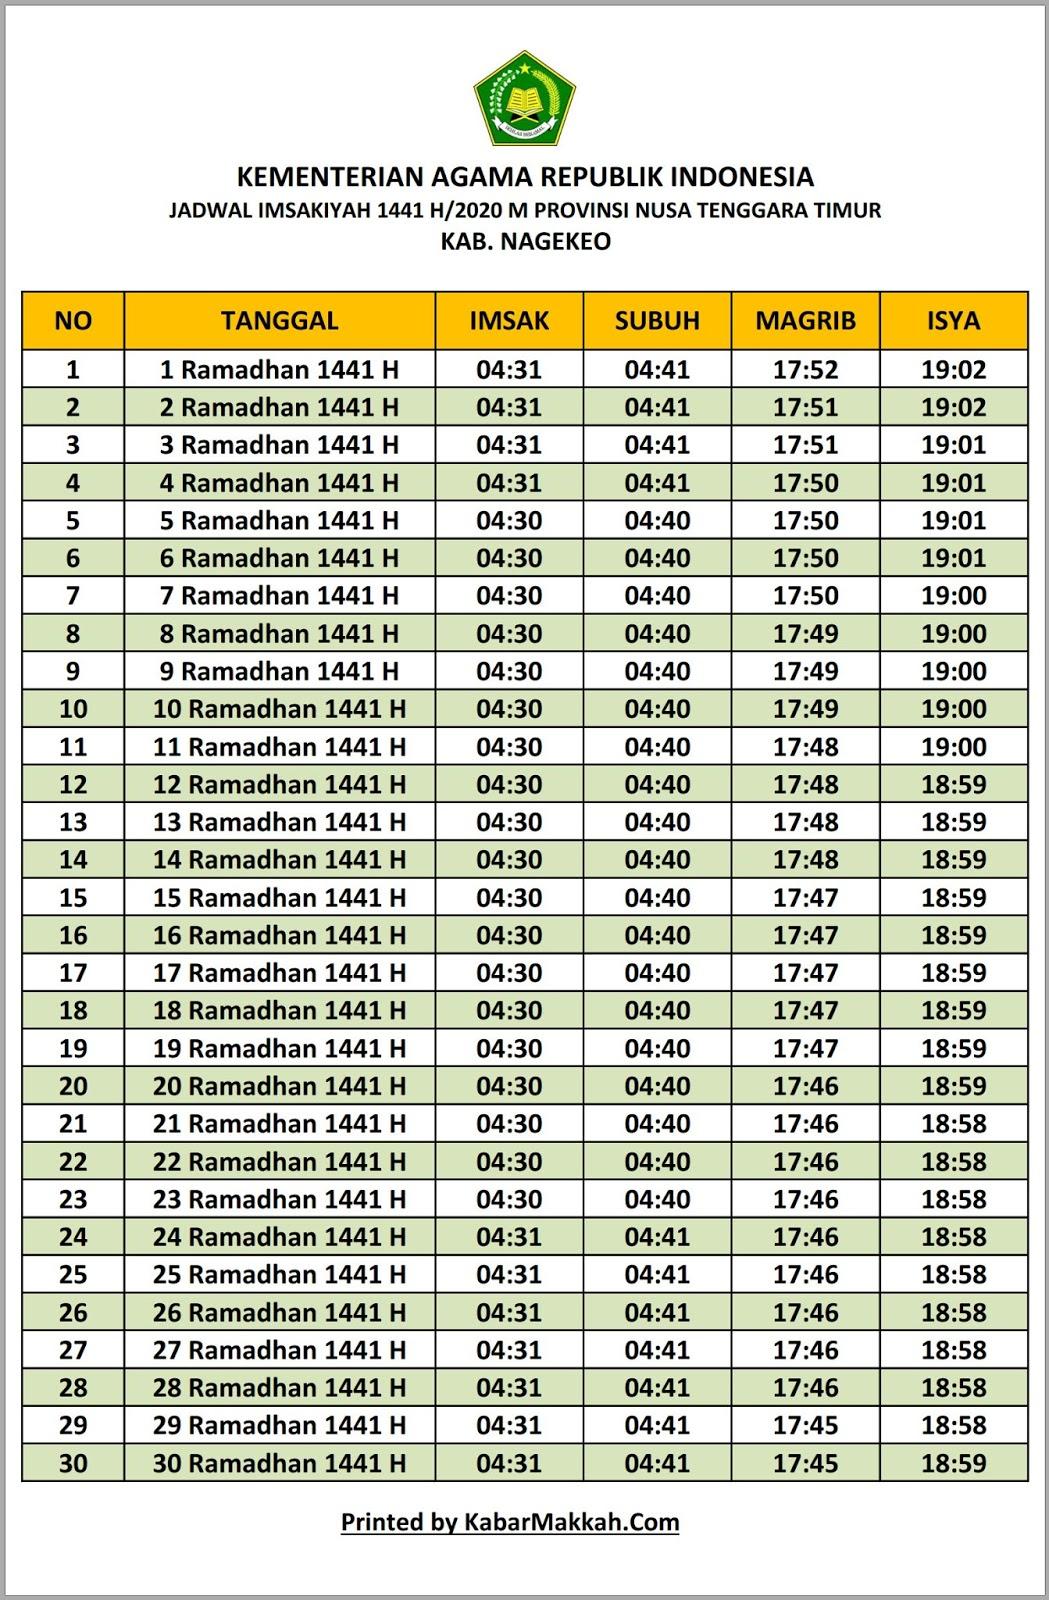 Jadwal Imsakiyah Nagekeo 2020